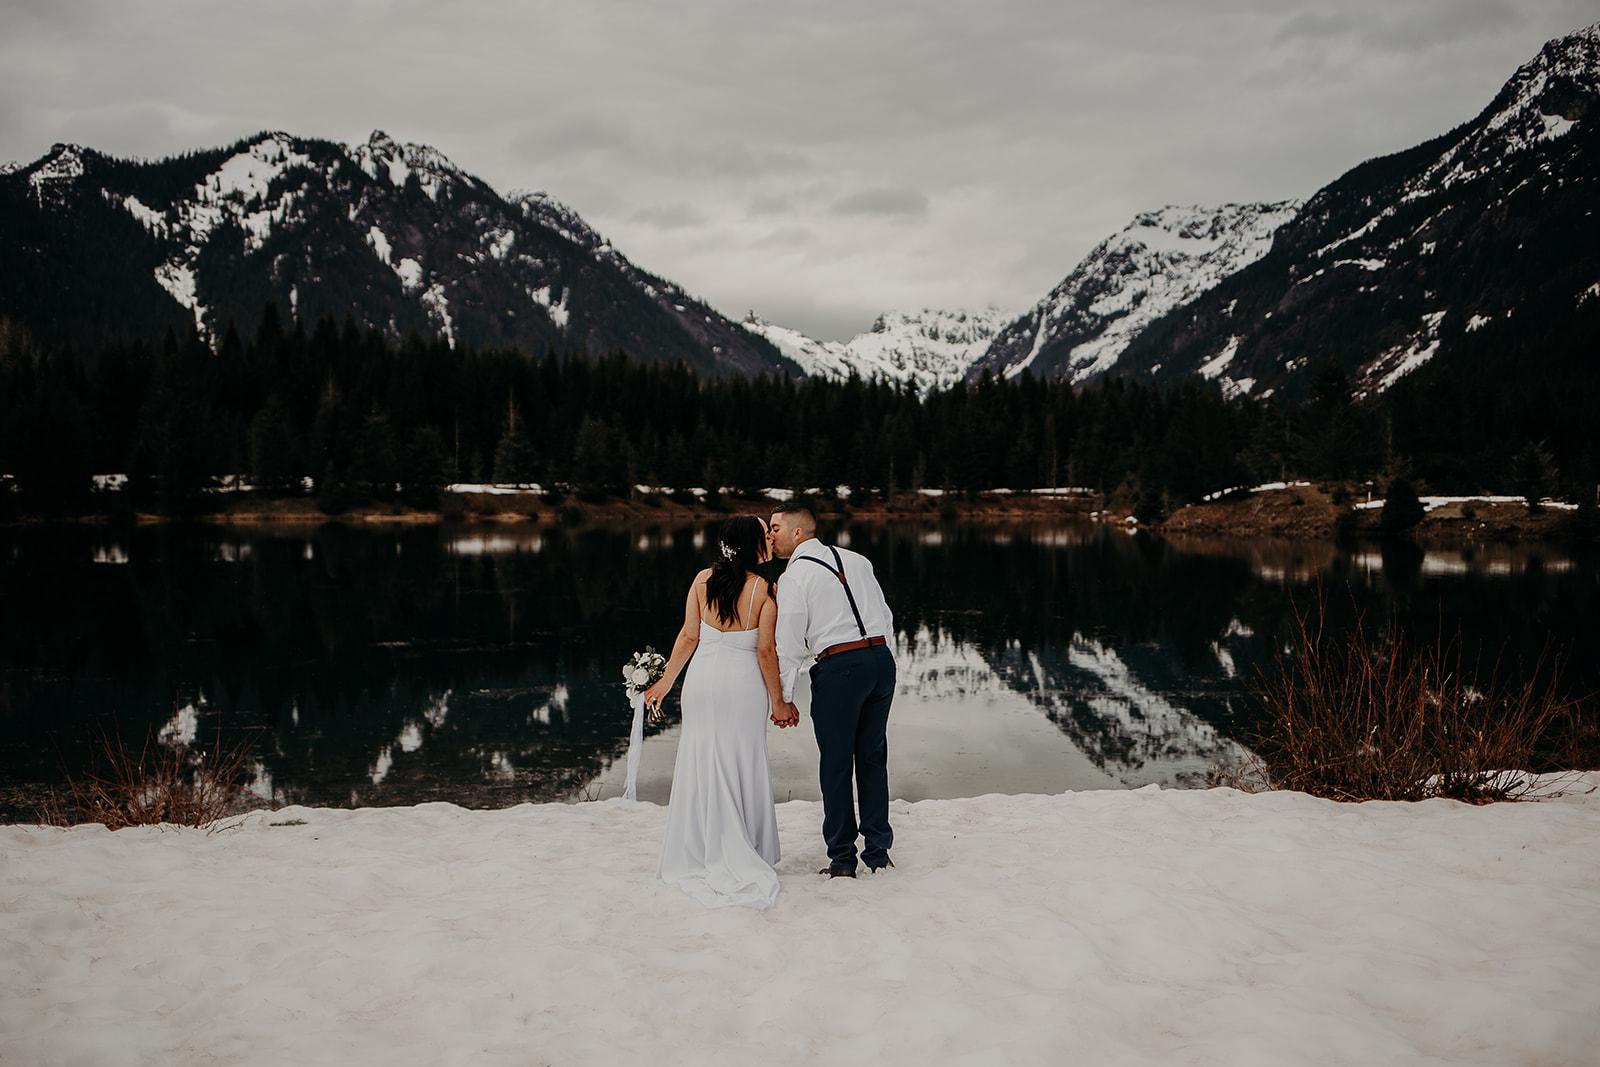 winter-mountain-elopement-asheville-wedding-photographer-megan-gallagher-photographer (20).jpg